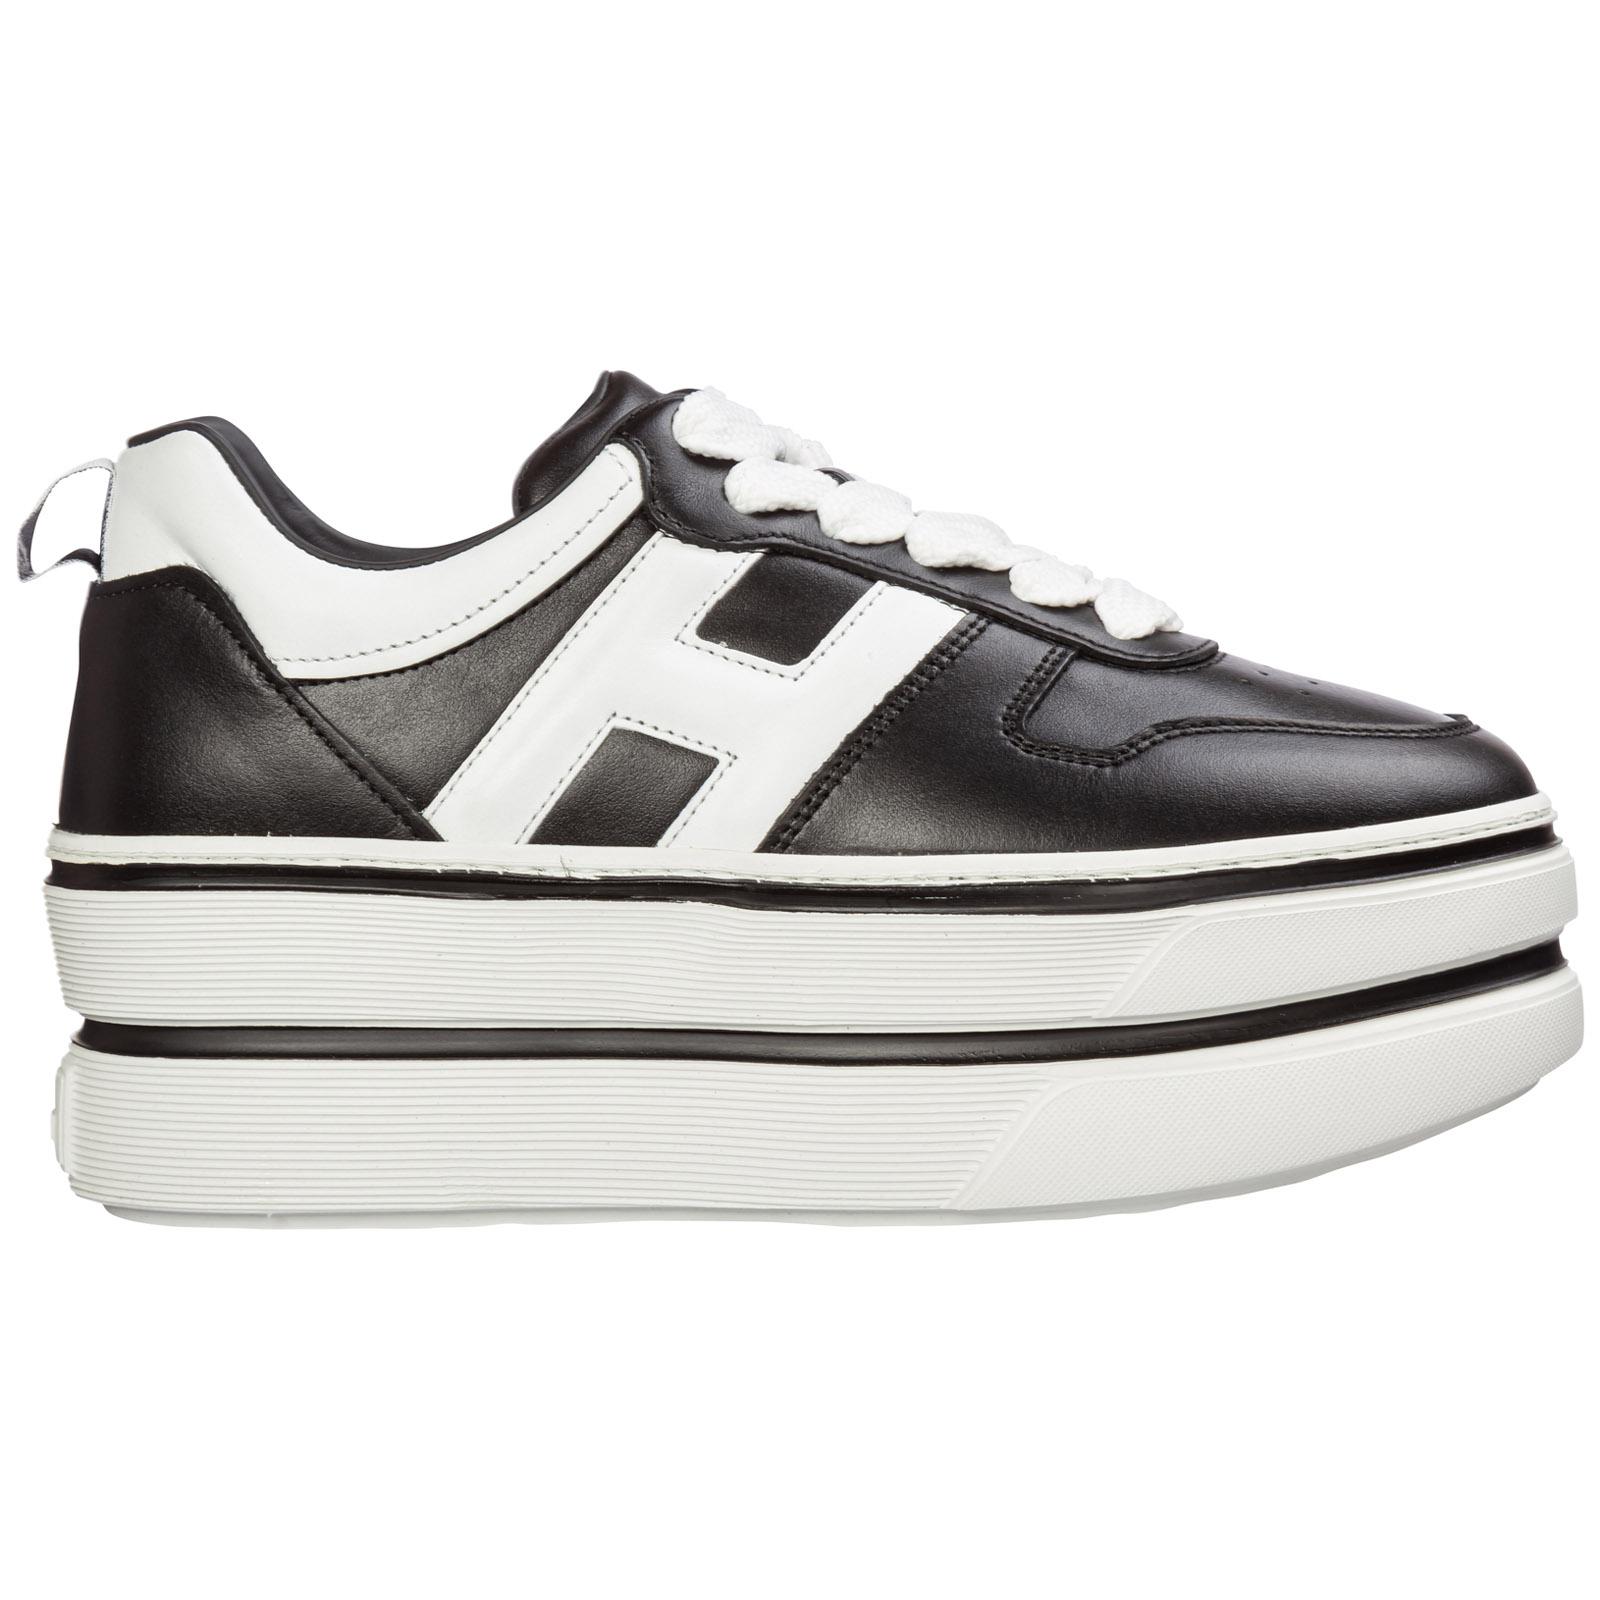 Wedge sneakers Hogan h449